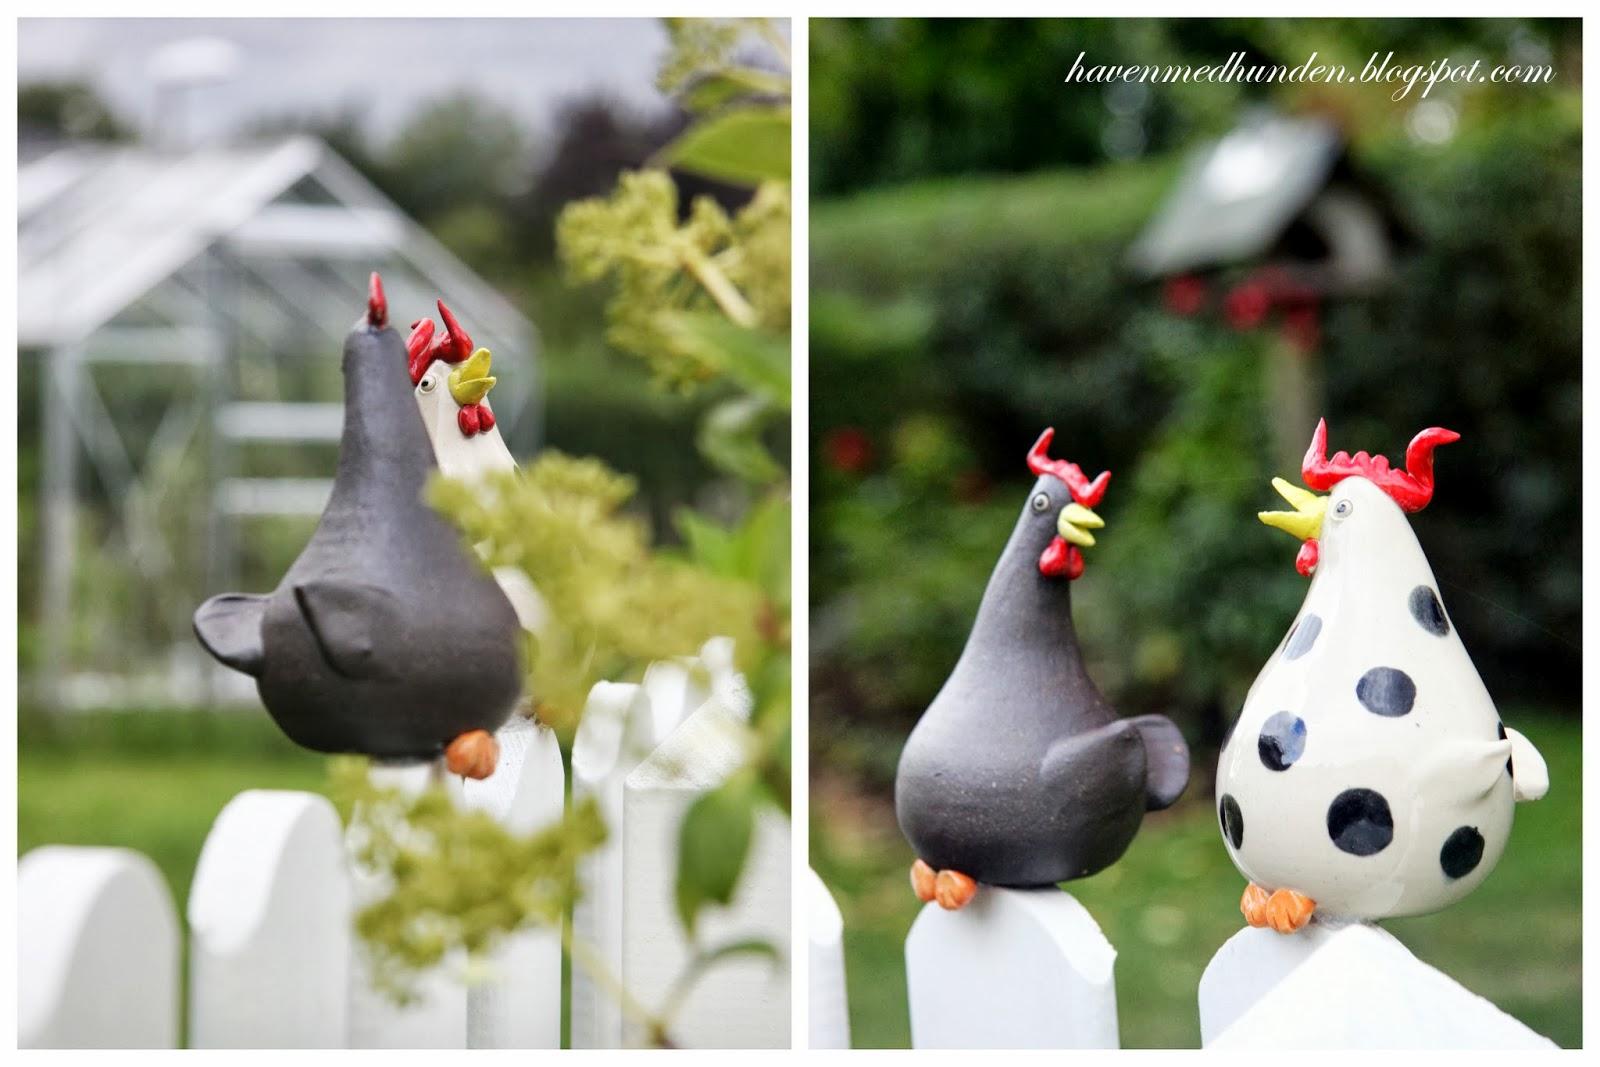 grethes keramik Haven med hunden: Høns i haven grethes keramik